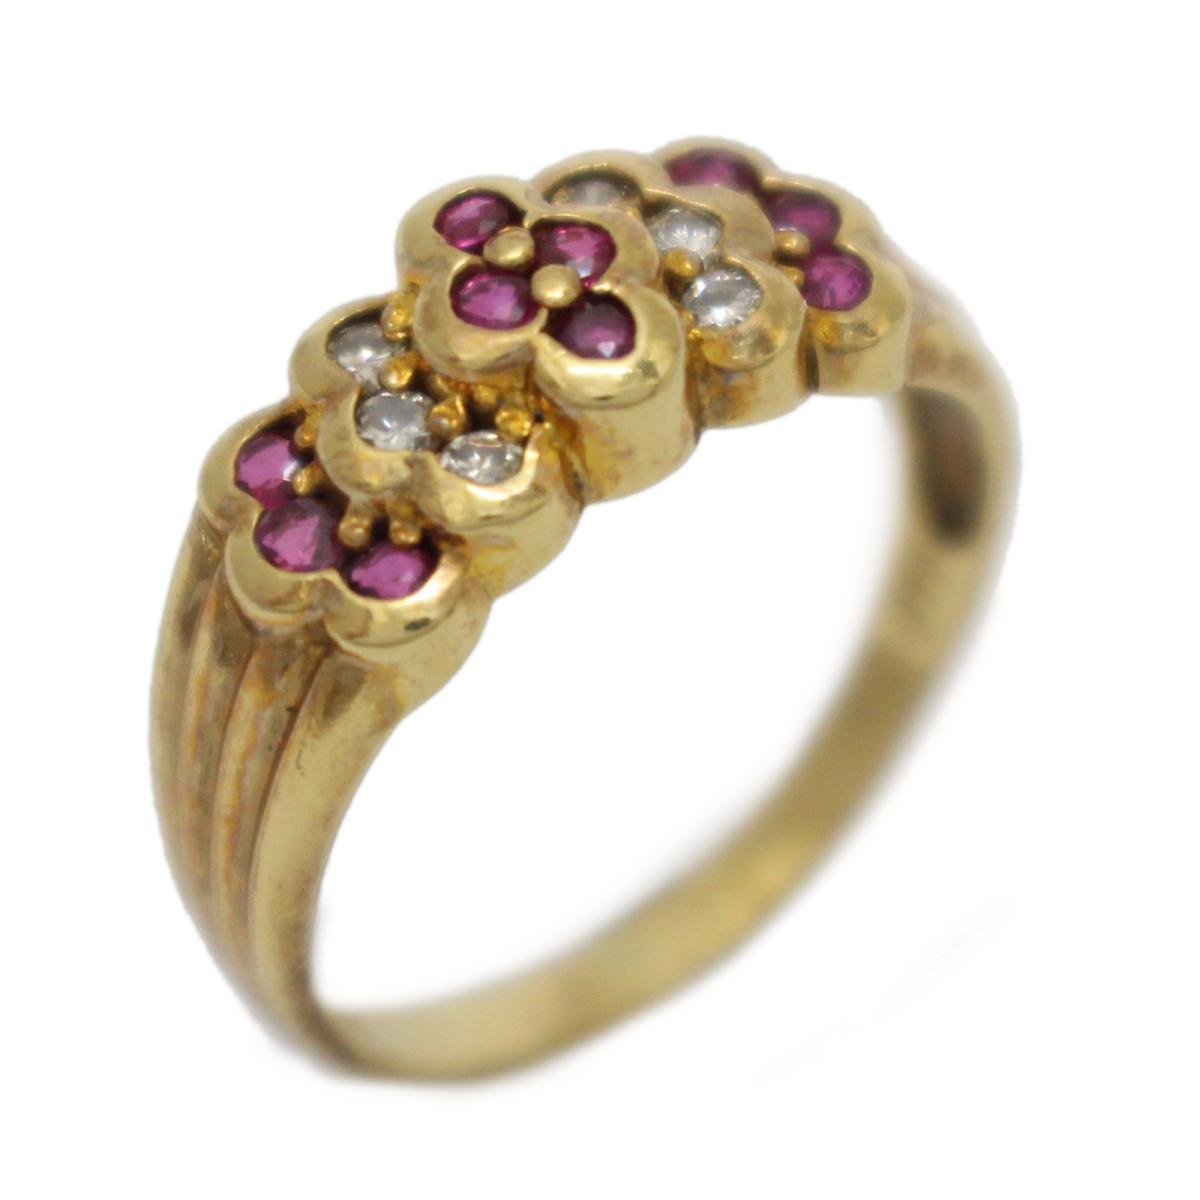 【中古】 ジュエリー ルビー ダイヤモンド リング 指輪 レディース K18YG (750) イエローゴールド x レッド クリアー | JEWELRY BRANDOFF ブランドオフ ブランド アクセサリー